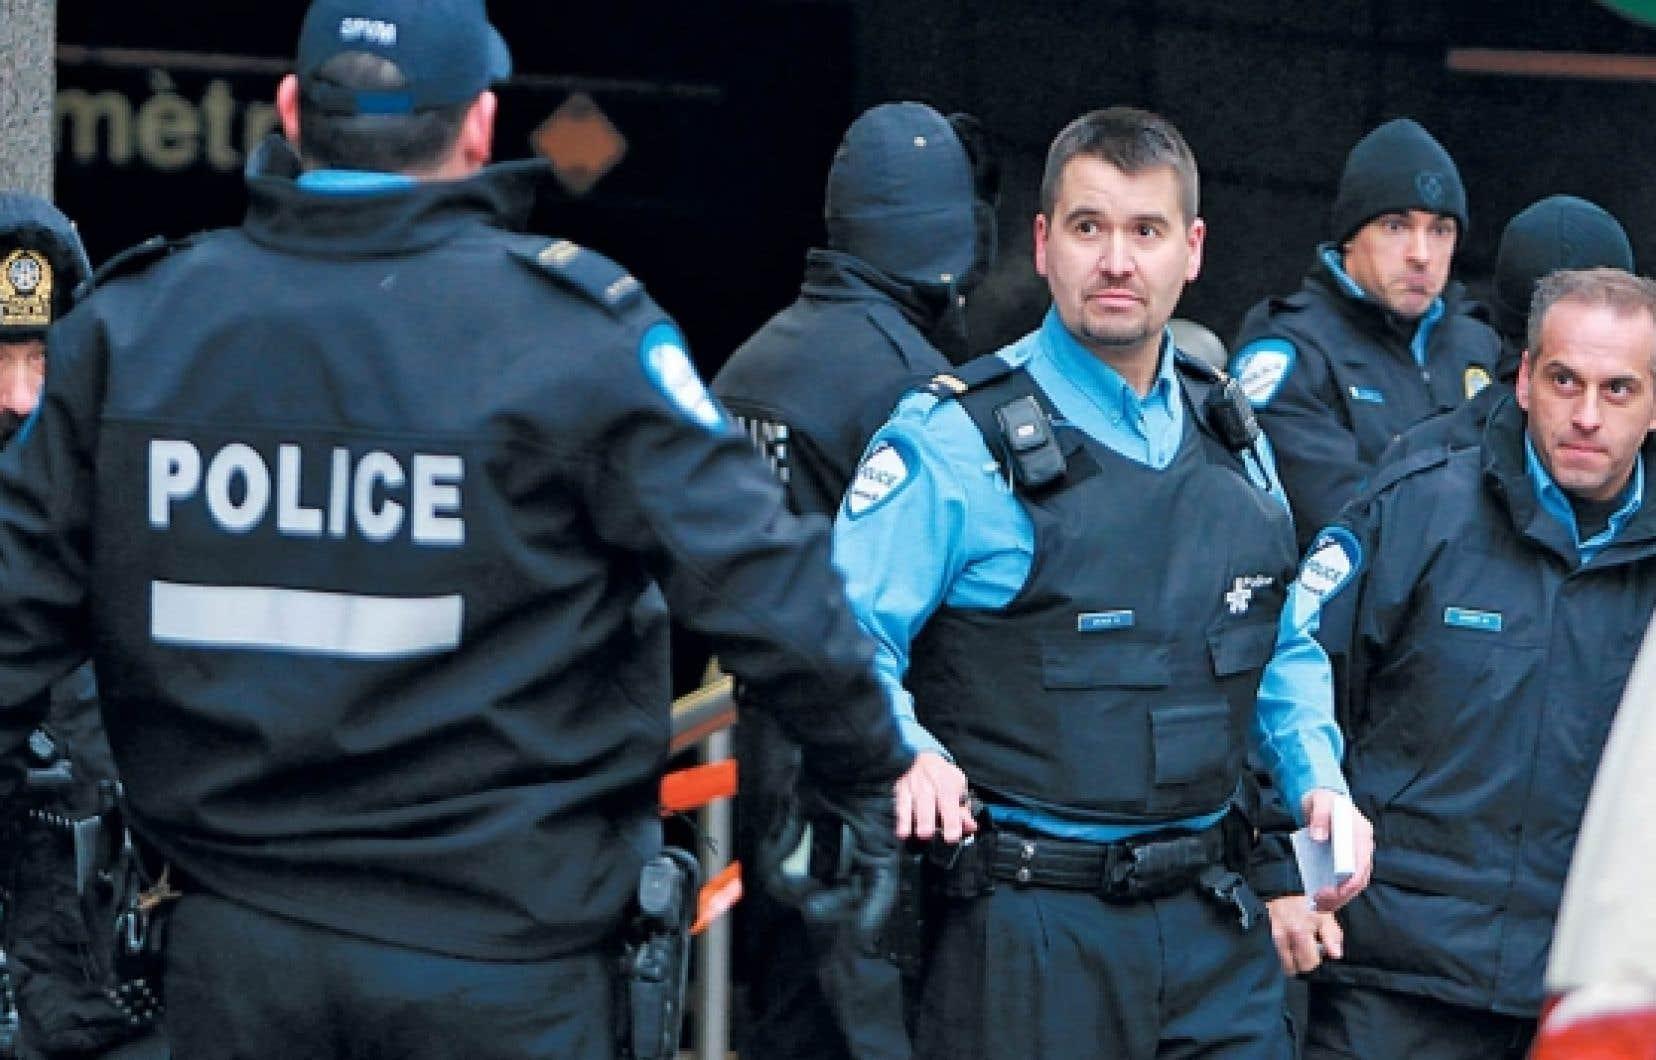 L'opération policière de vendredi à la station de métro Bonaventure, au centre-ville de Montréal, a nécessité l'intervention de dizaines d'agents.<br />